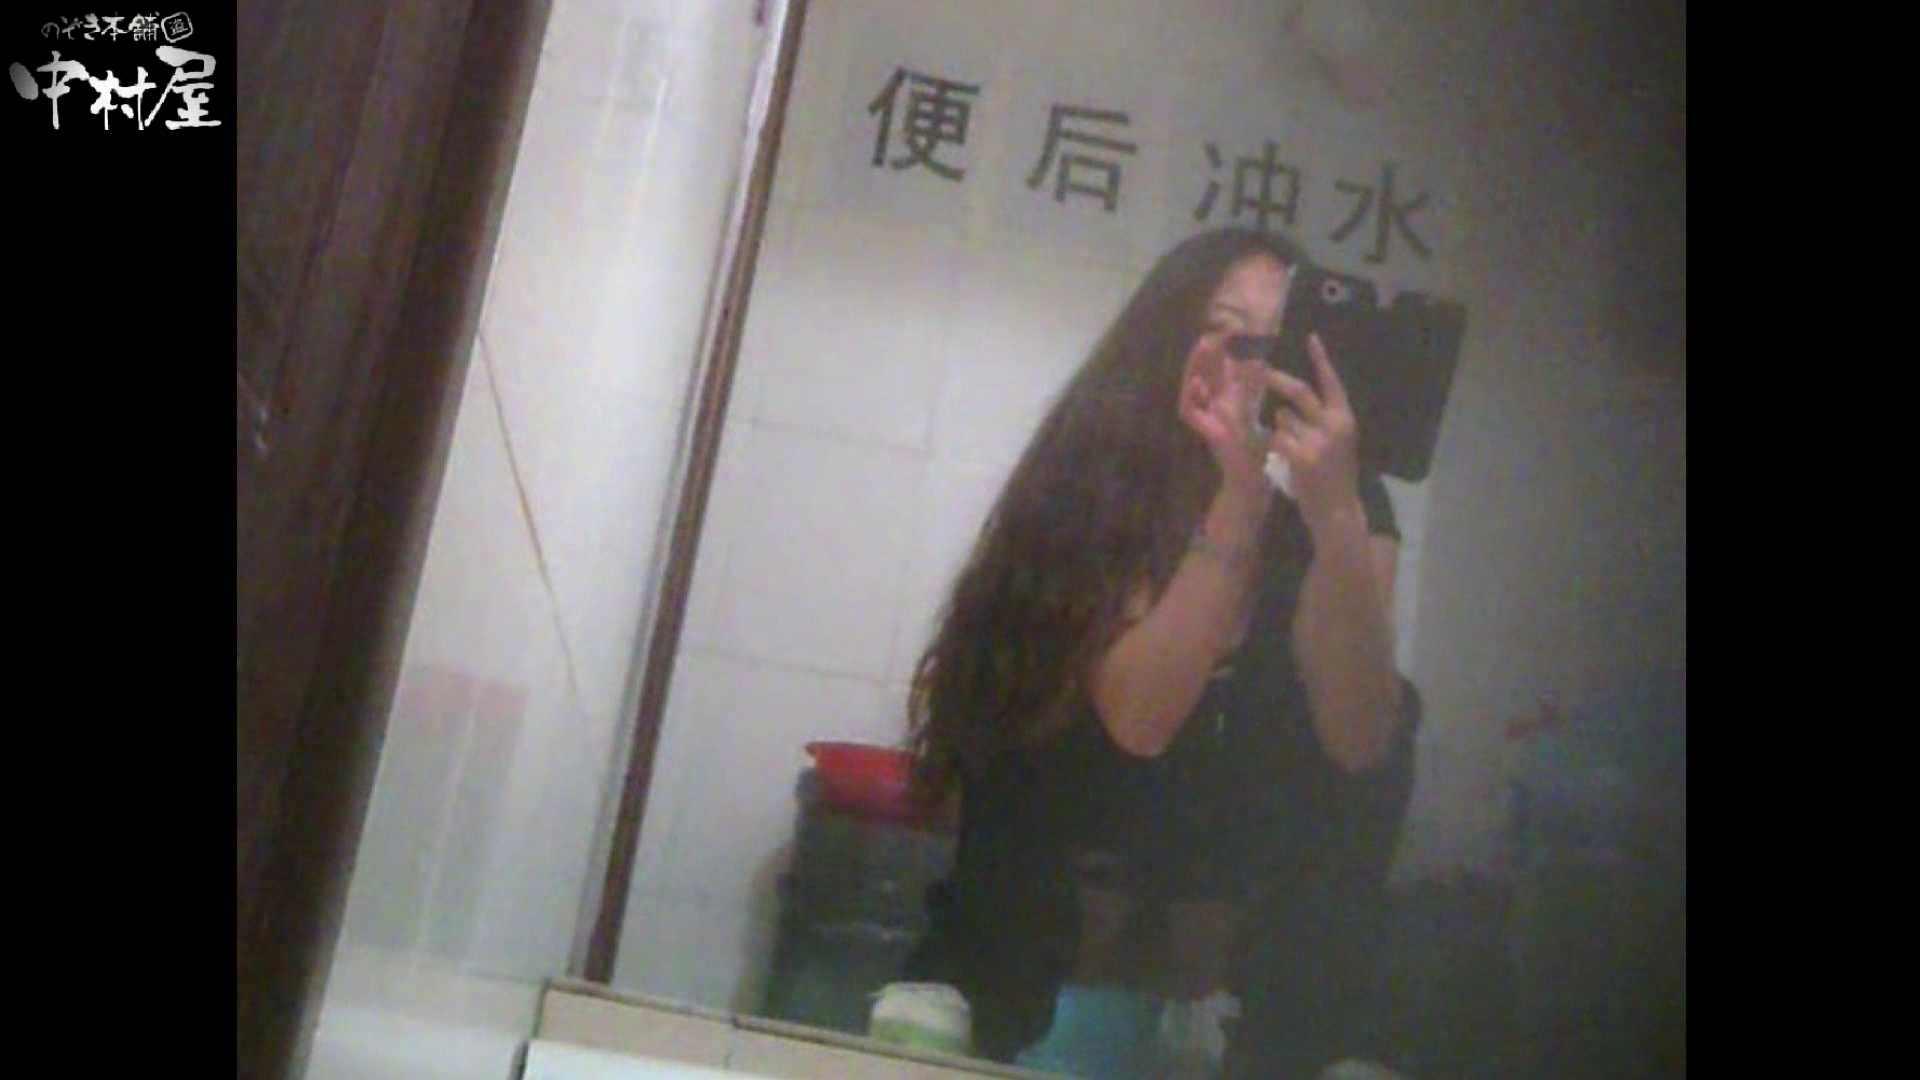 李さんの盗撮日記 Vol.03 現役ギャル のぞき動画画像 95pic 73